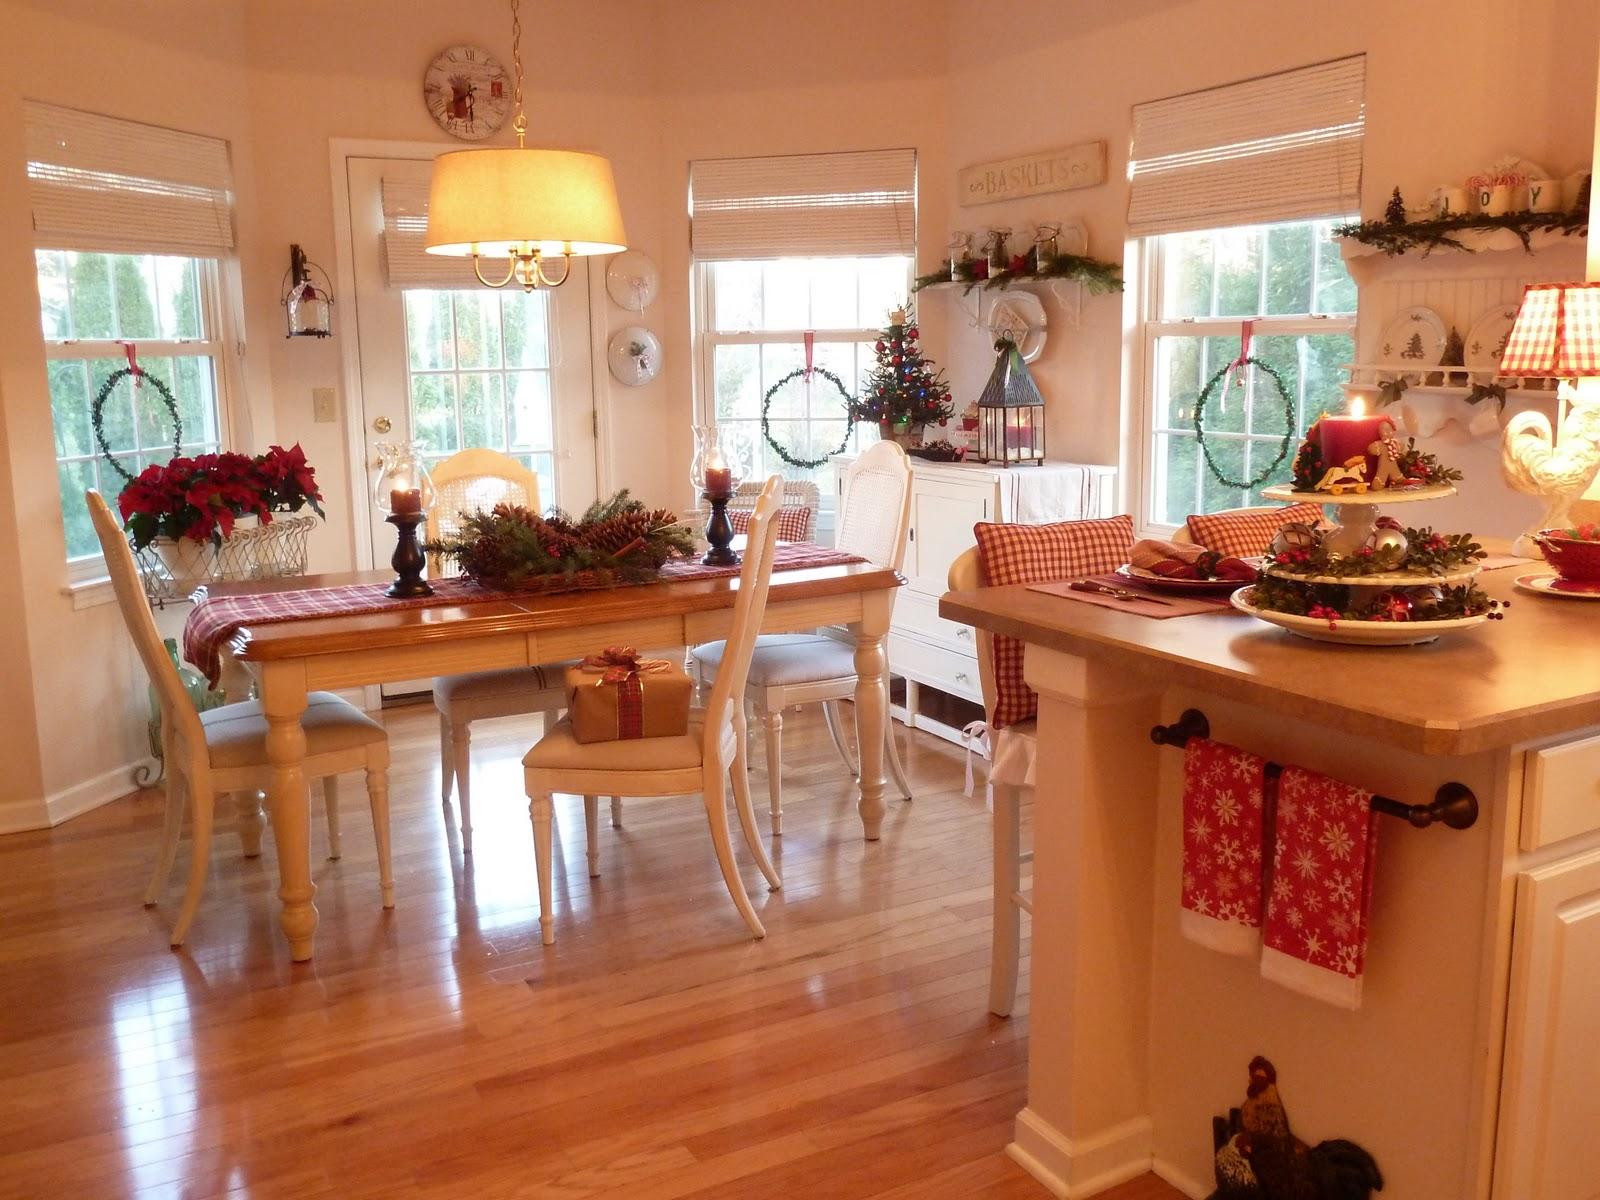 #A74B24 Ideias de Decoração Natalina para Cozinha e Sala de Jantar Design  1600x1200 px Decoração Cozinha Idéias_938 Imagens